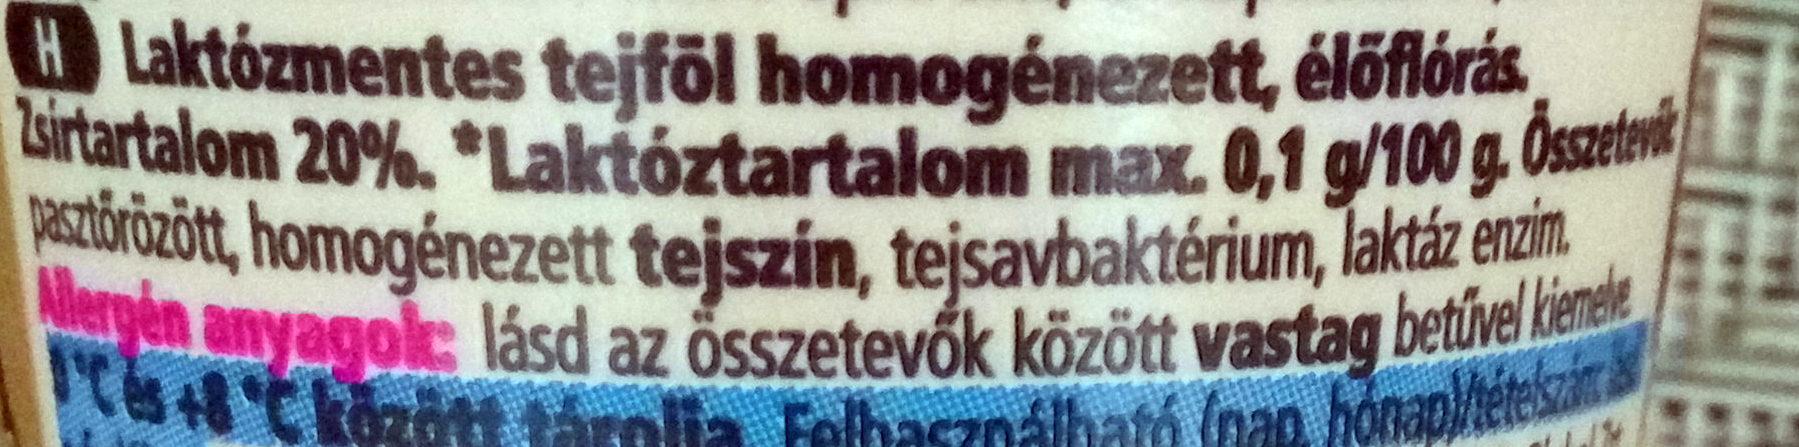 FreeForm Laktózmentes Tejföl 20% - Ingrédients - hu